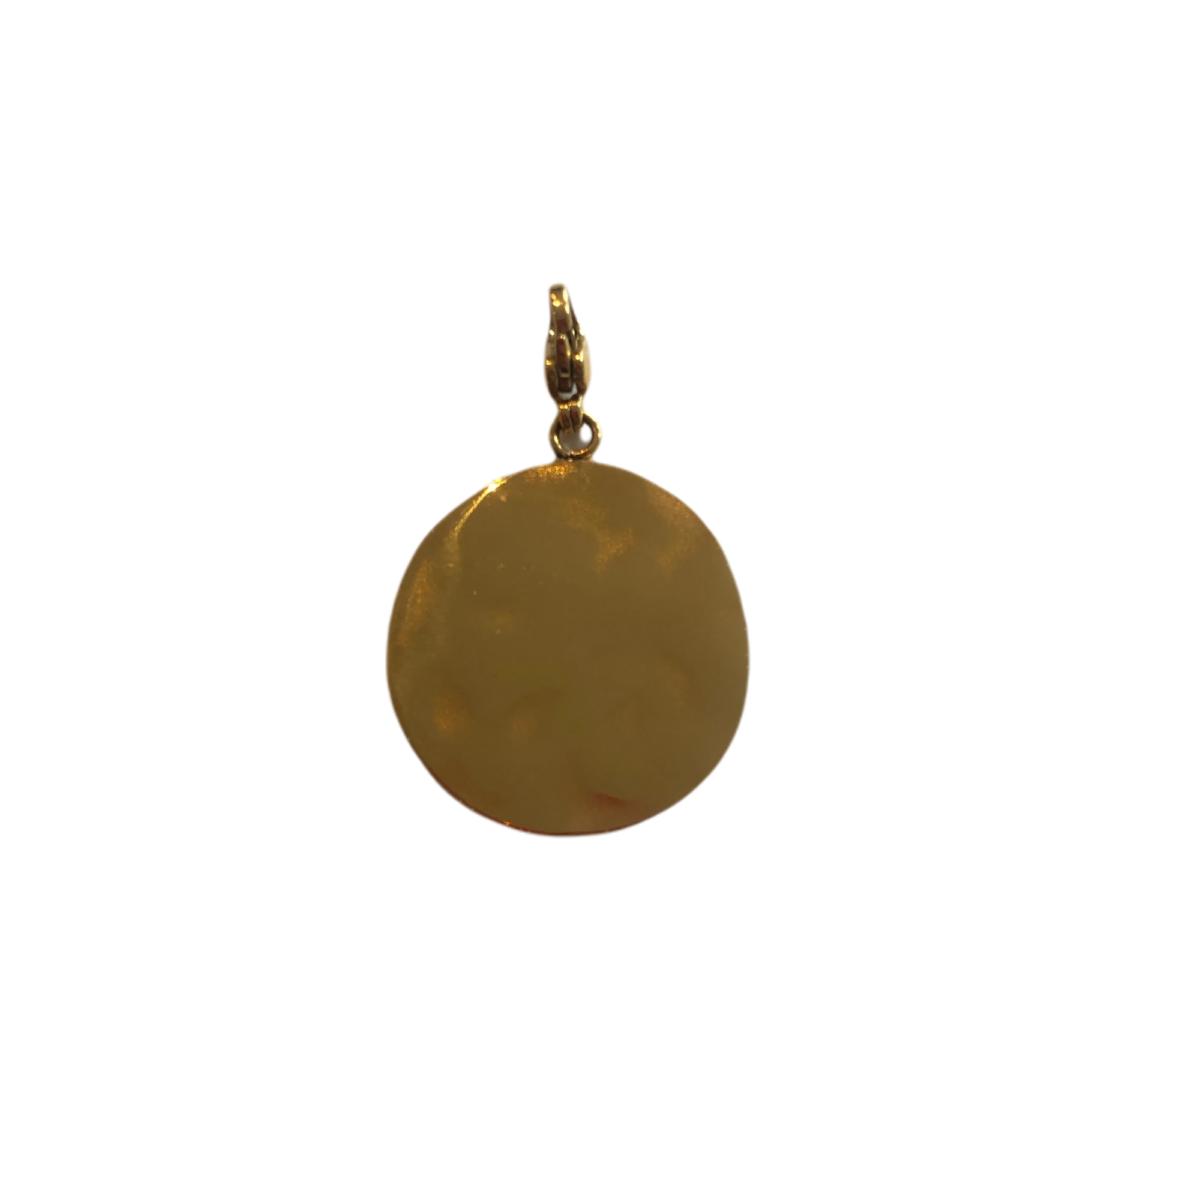 By Destele pendentif clipsable Médaille grand modele